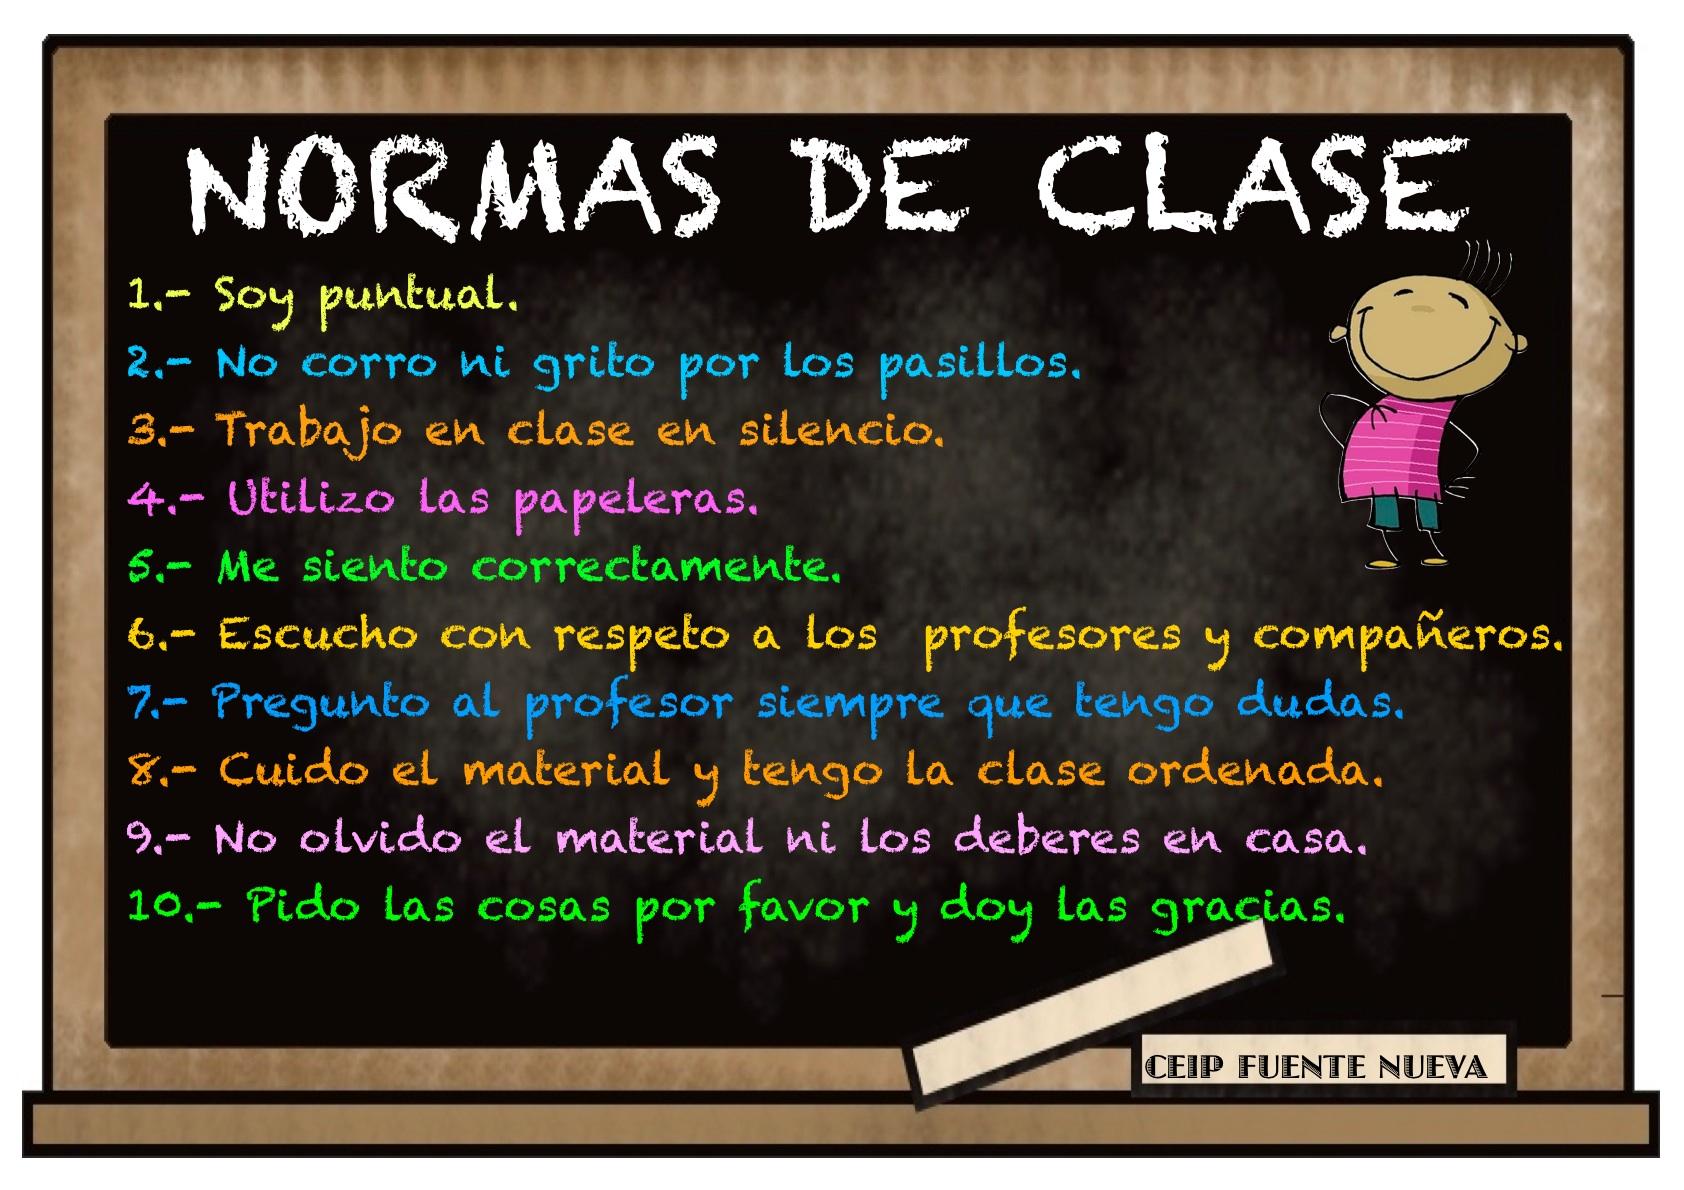 Normas de comportamiento en clase for 10 reglas del salon de clases en ingles